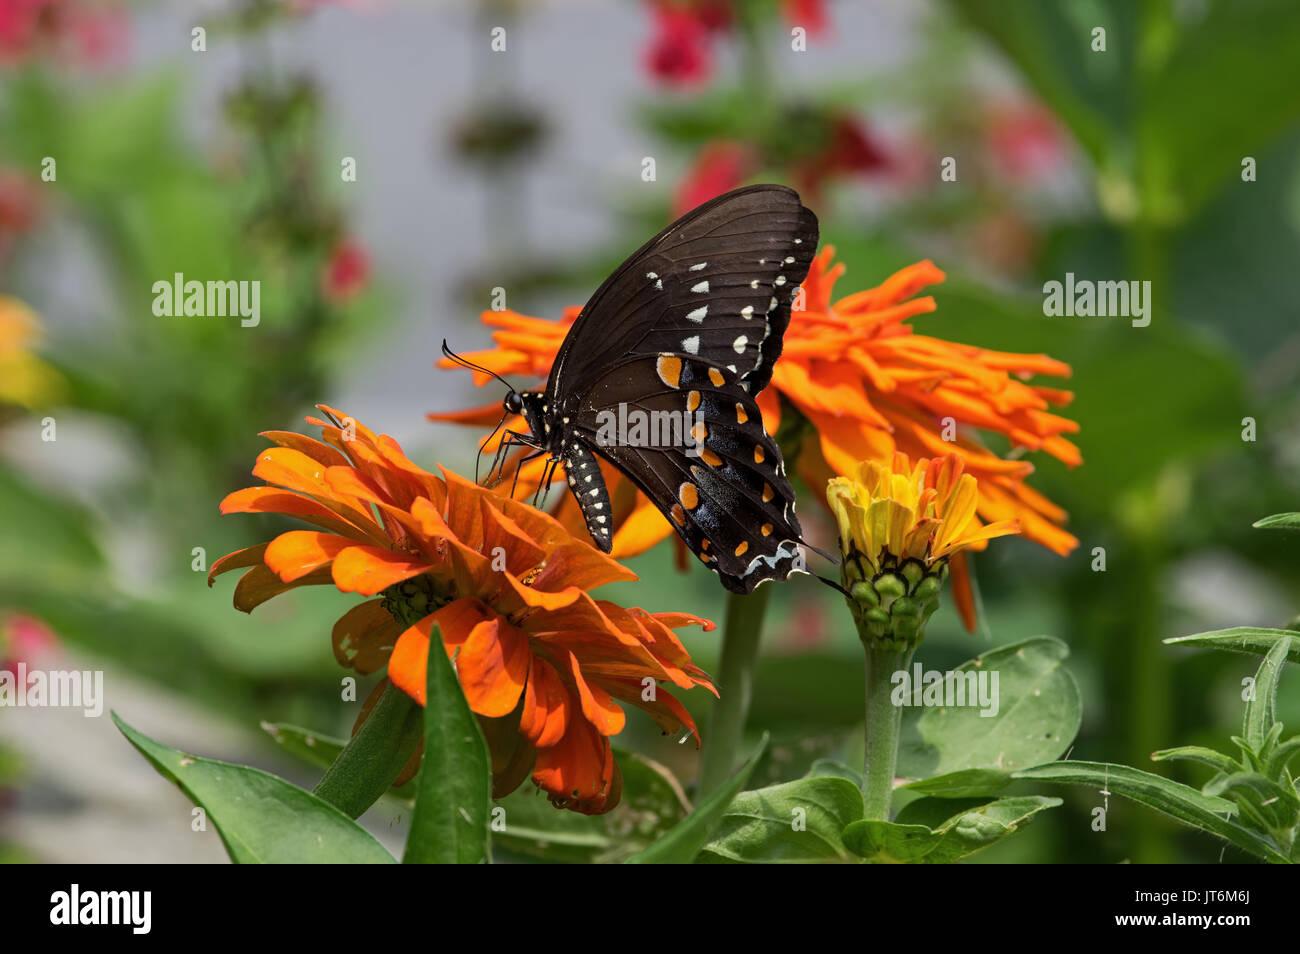 Garden Edges Stock Photos Garden Edges Stock Images Alamy